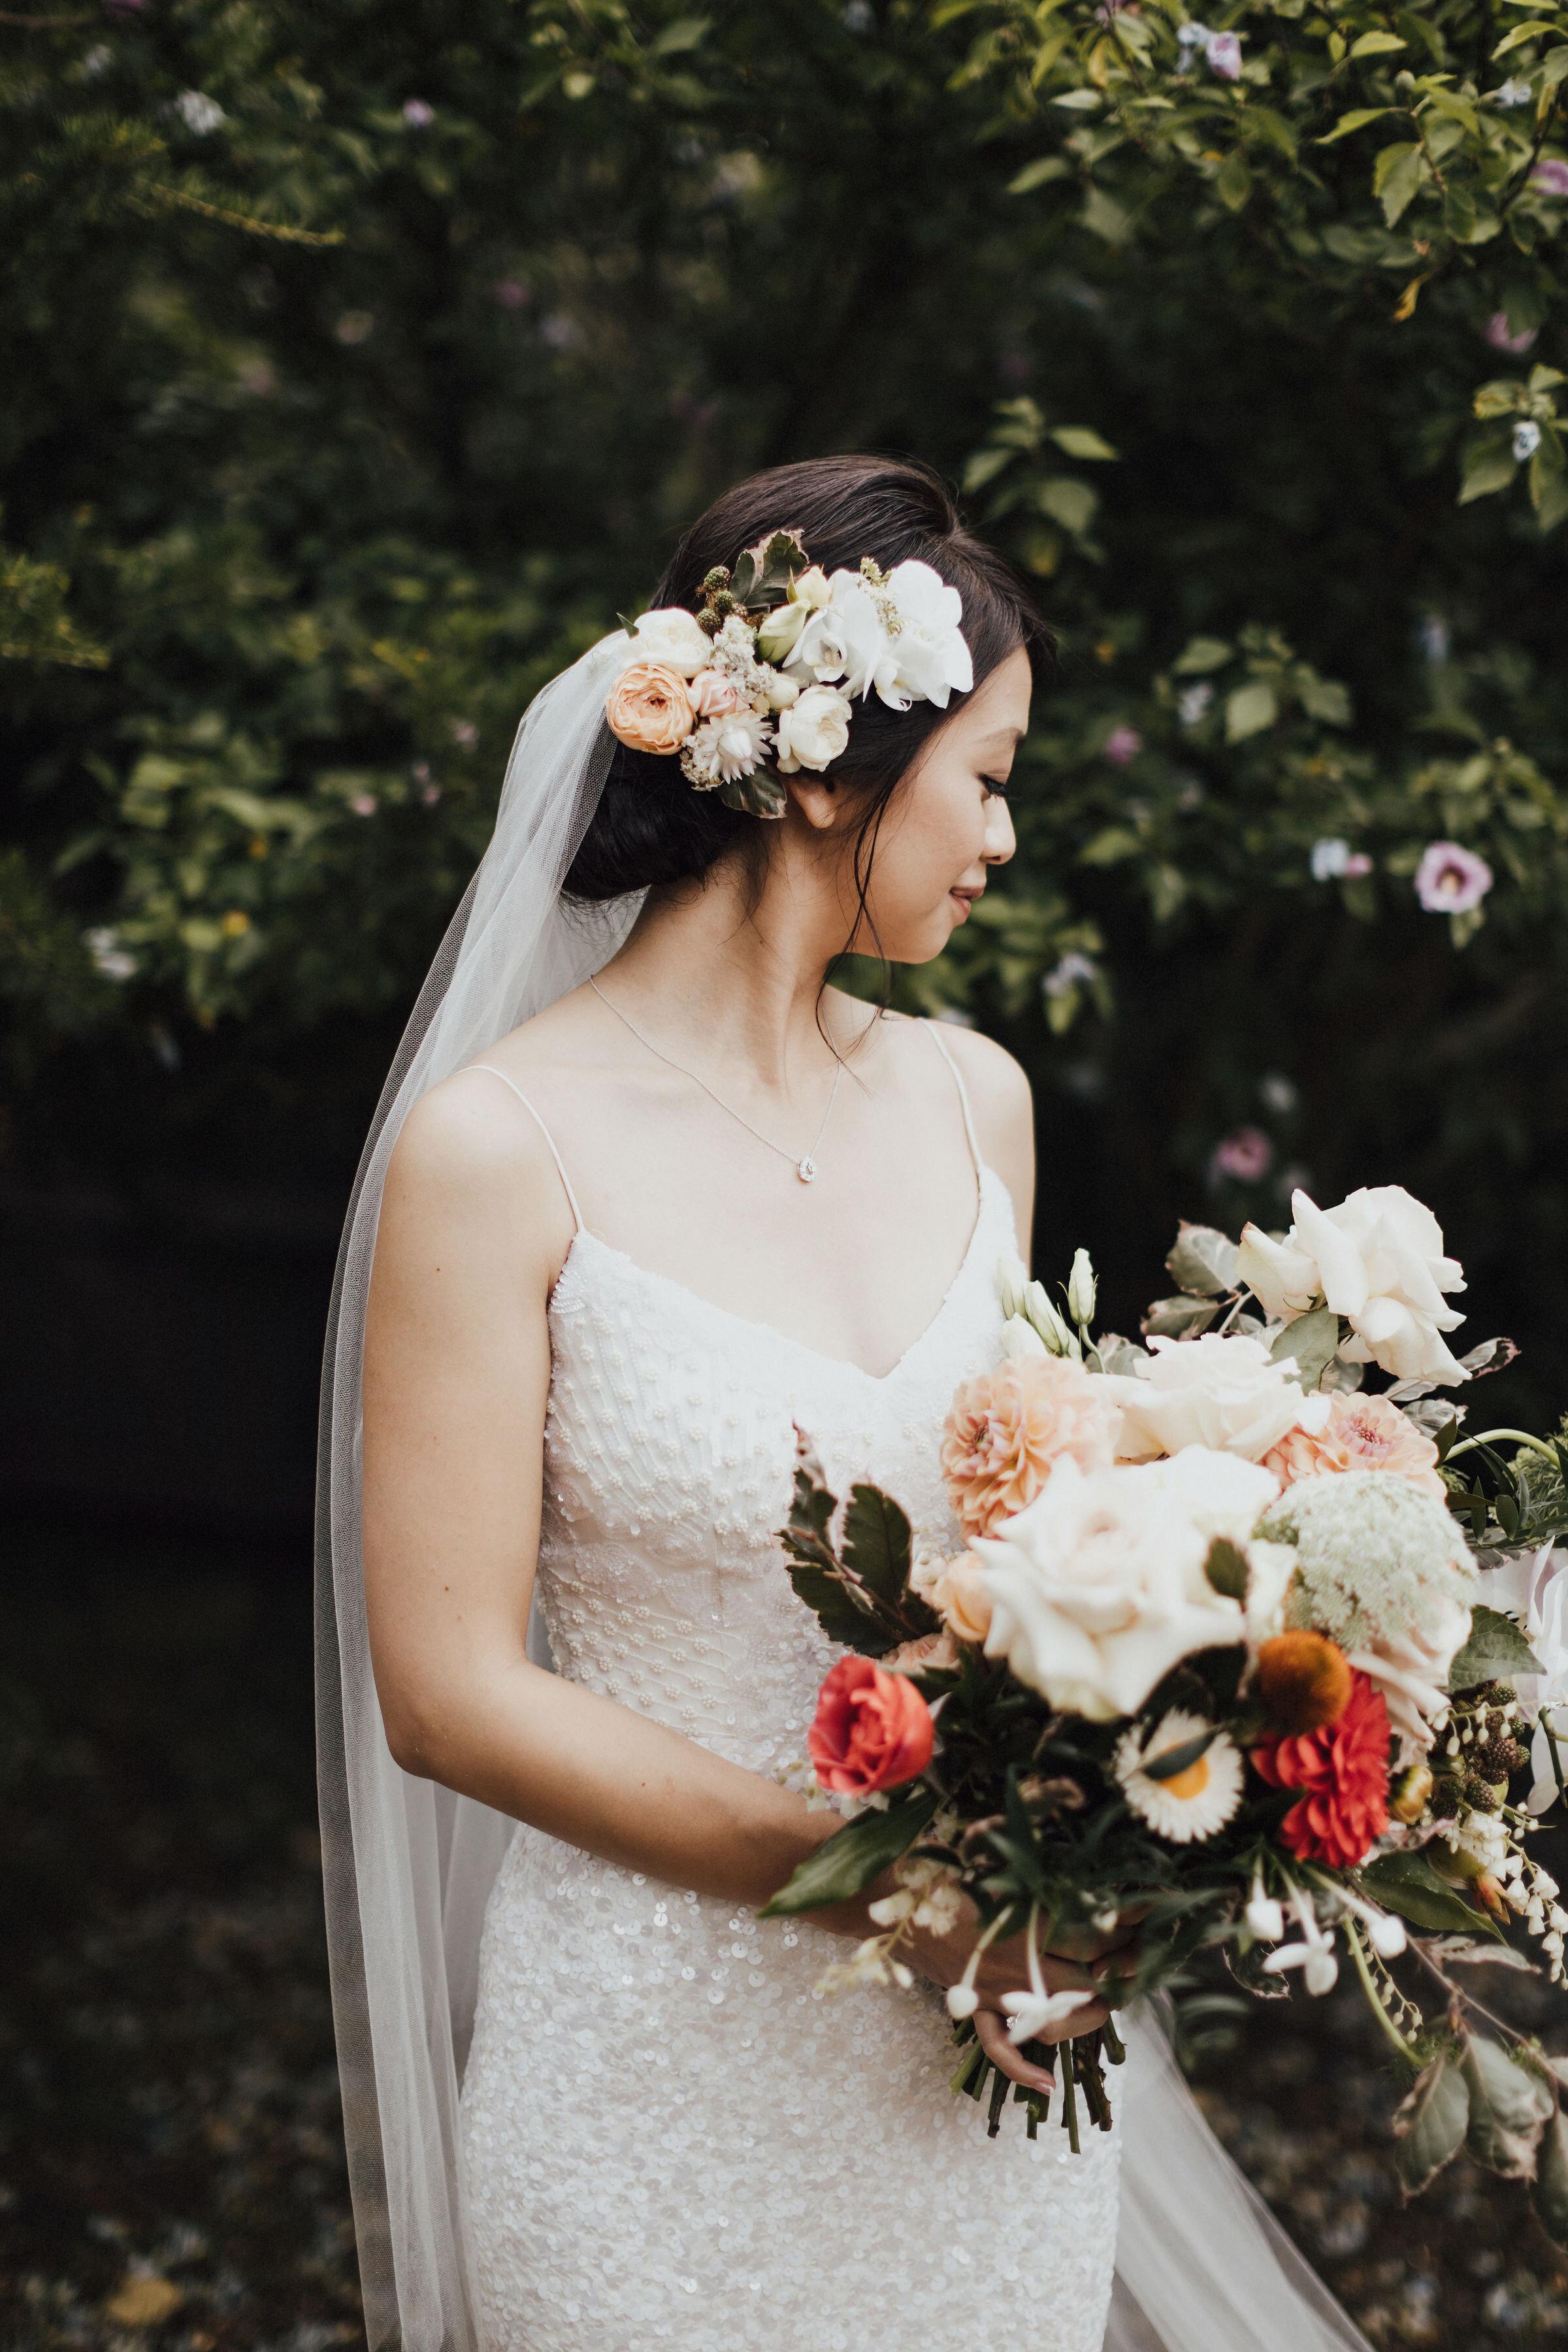 Amy-Jac-wedding-0225.JPG